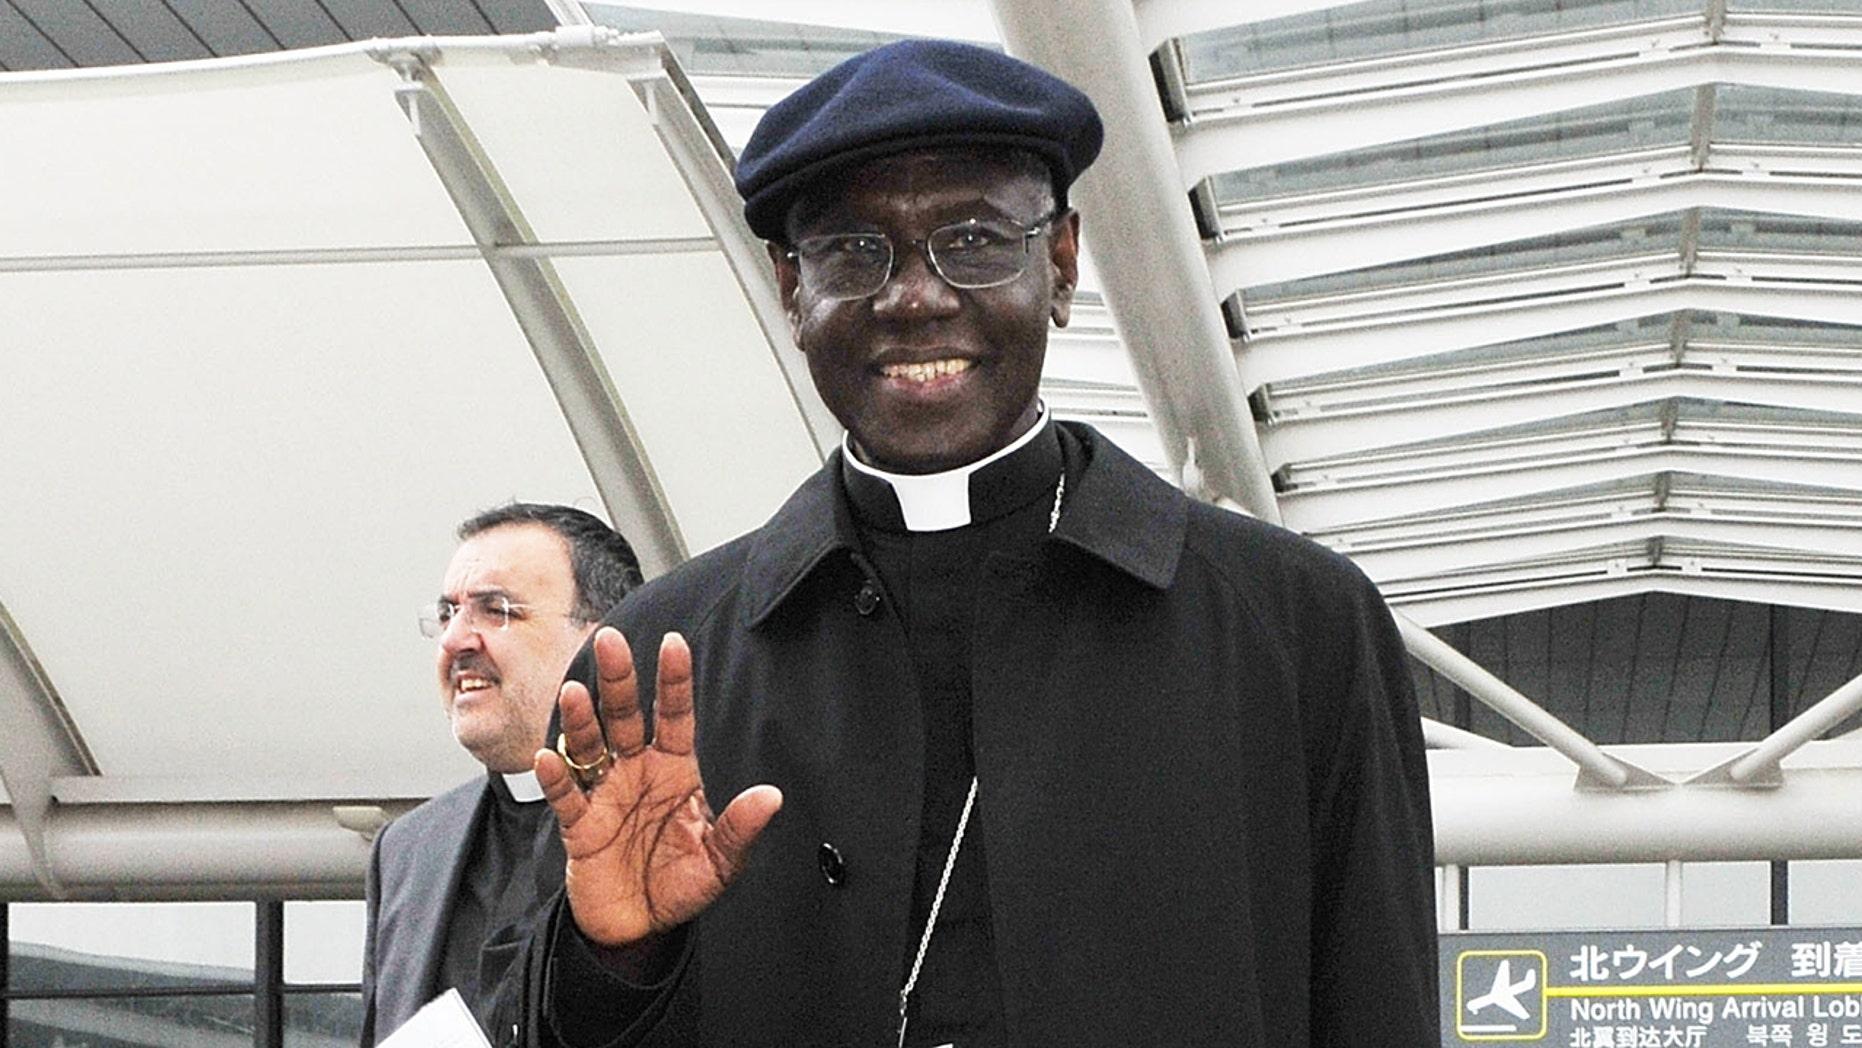 Cardinal Robert Sarah arrives at Narita International Airport on May 13, 2011 in Narita, Japan. (Photo by Jun Sato/Getty Images)